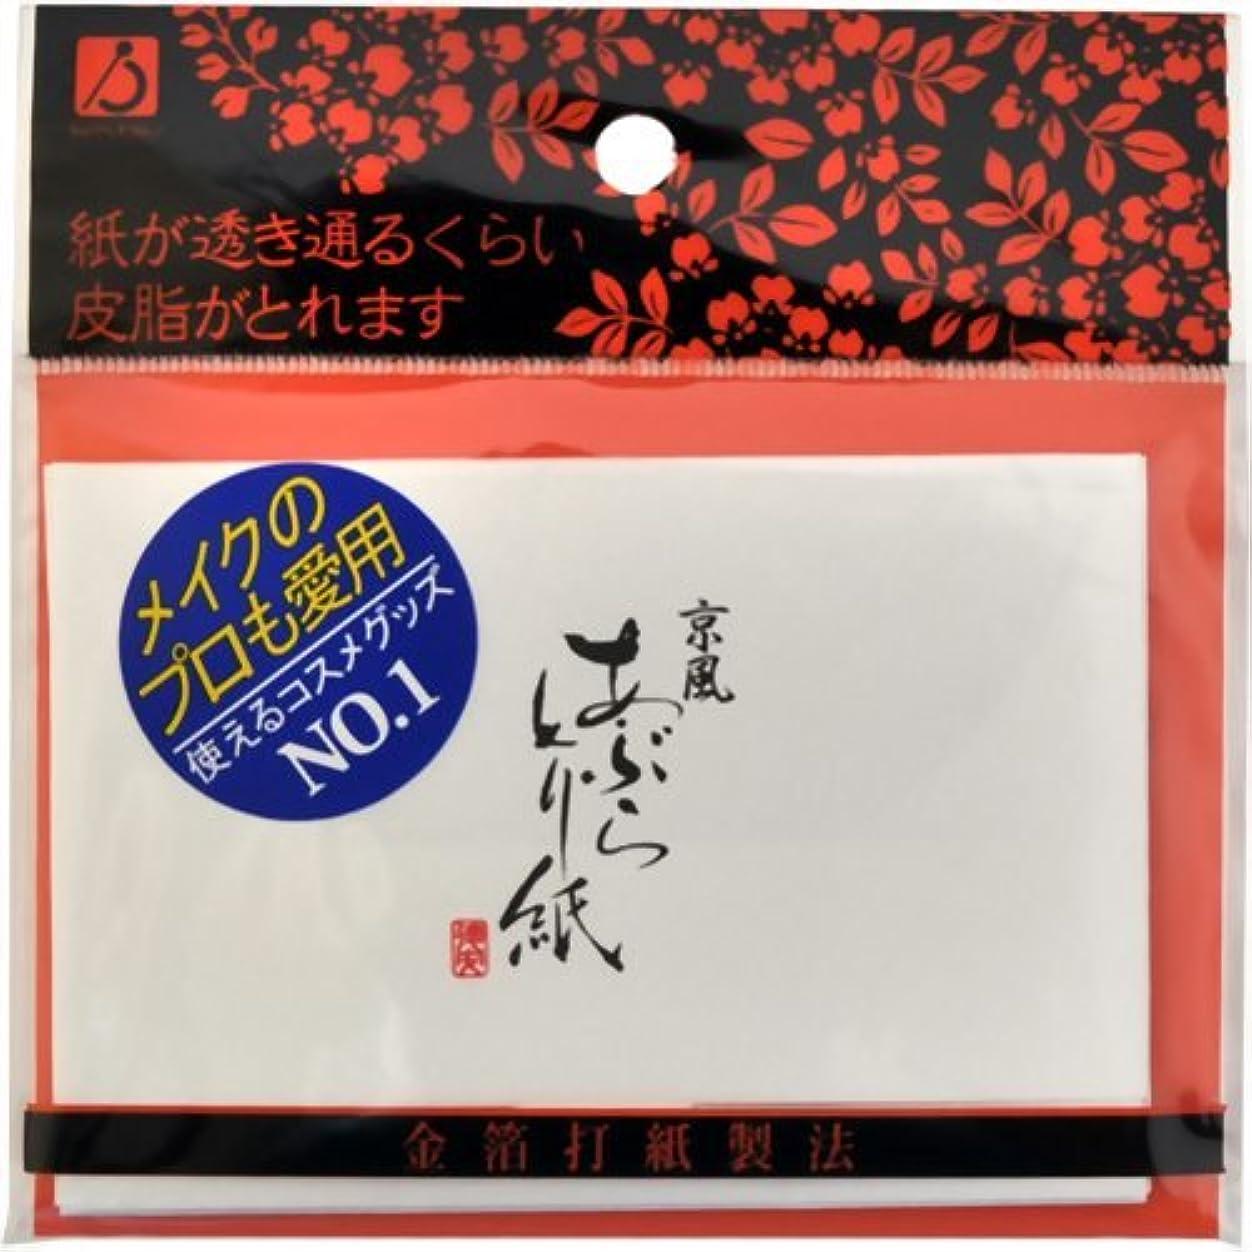 氏ロゴ感性FP-381 京風あぶらとり紙 45枚